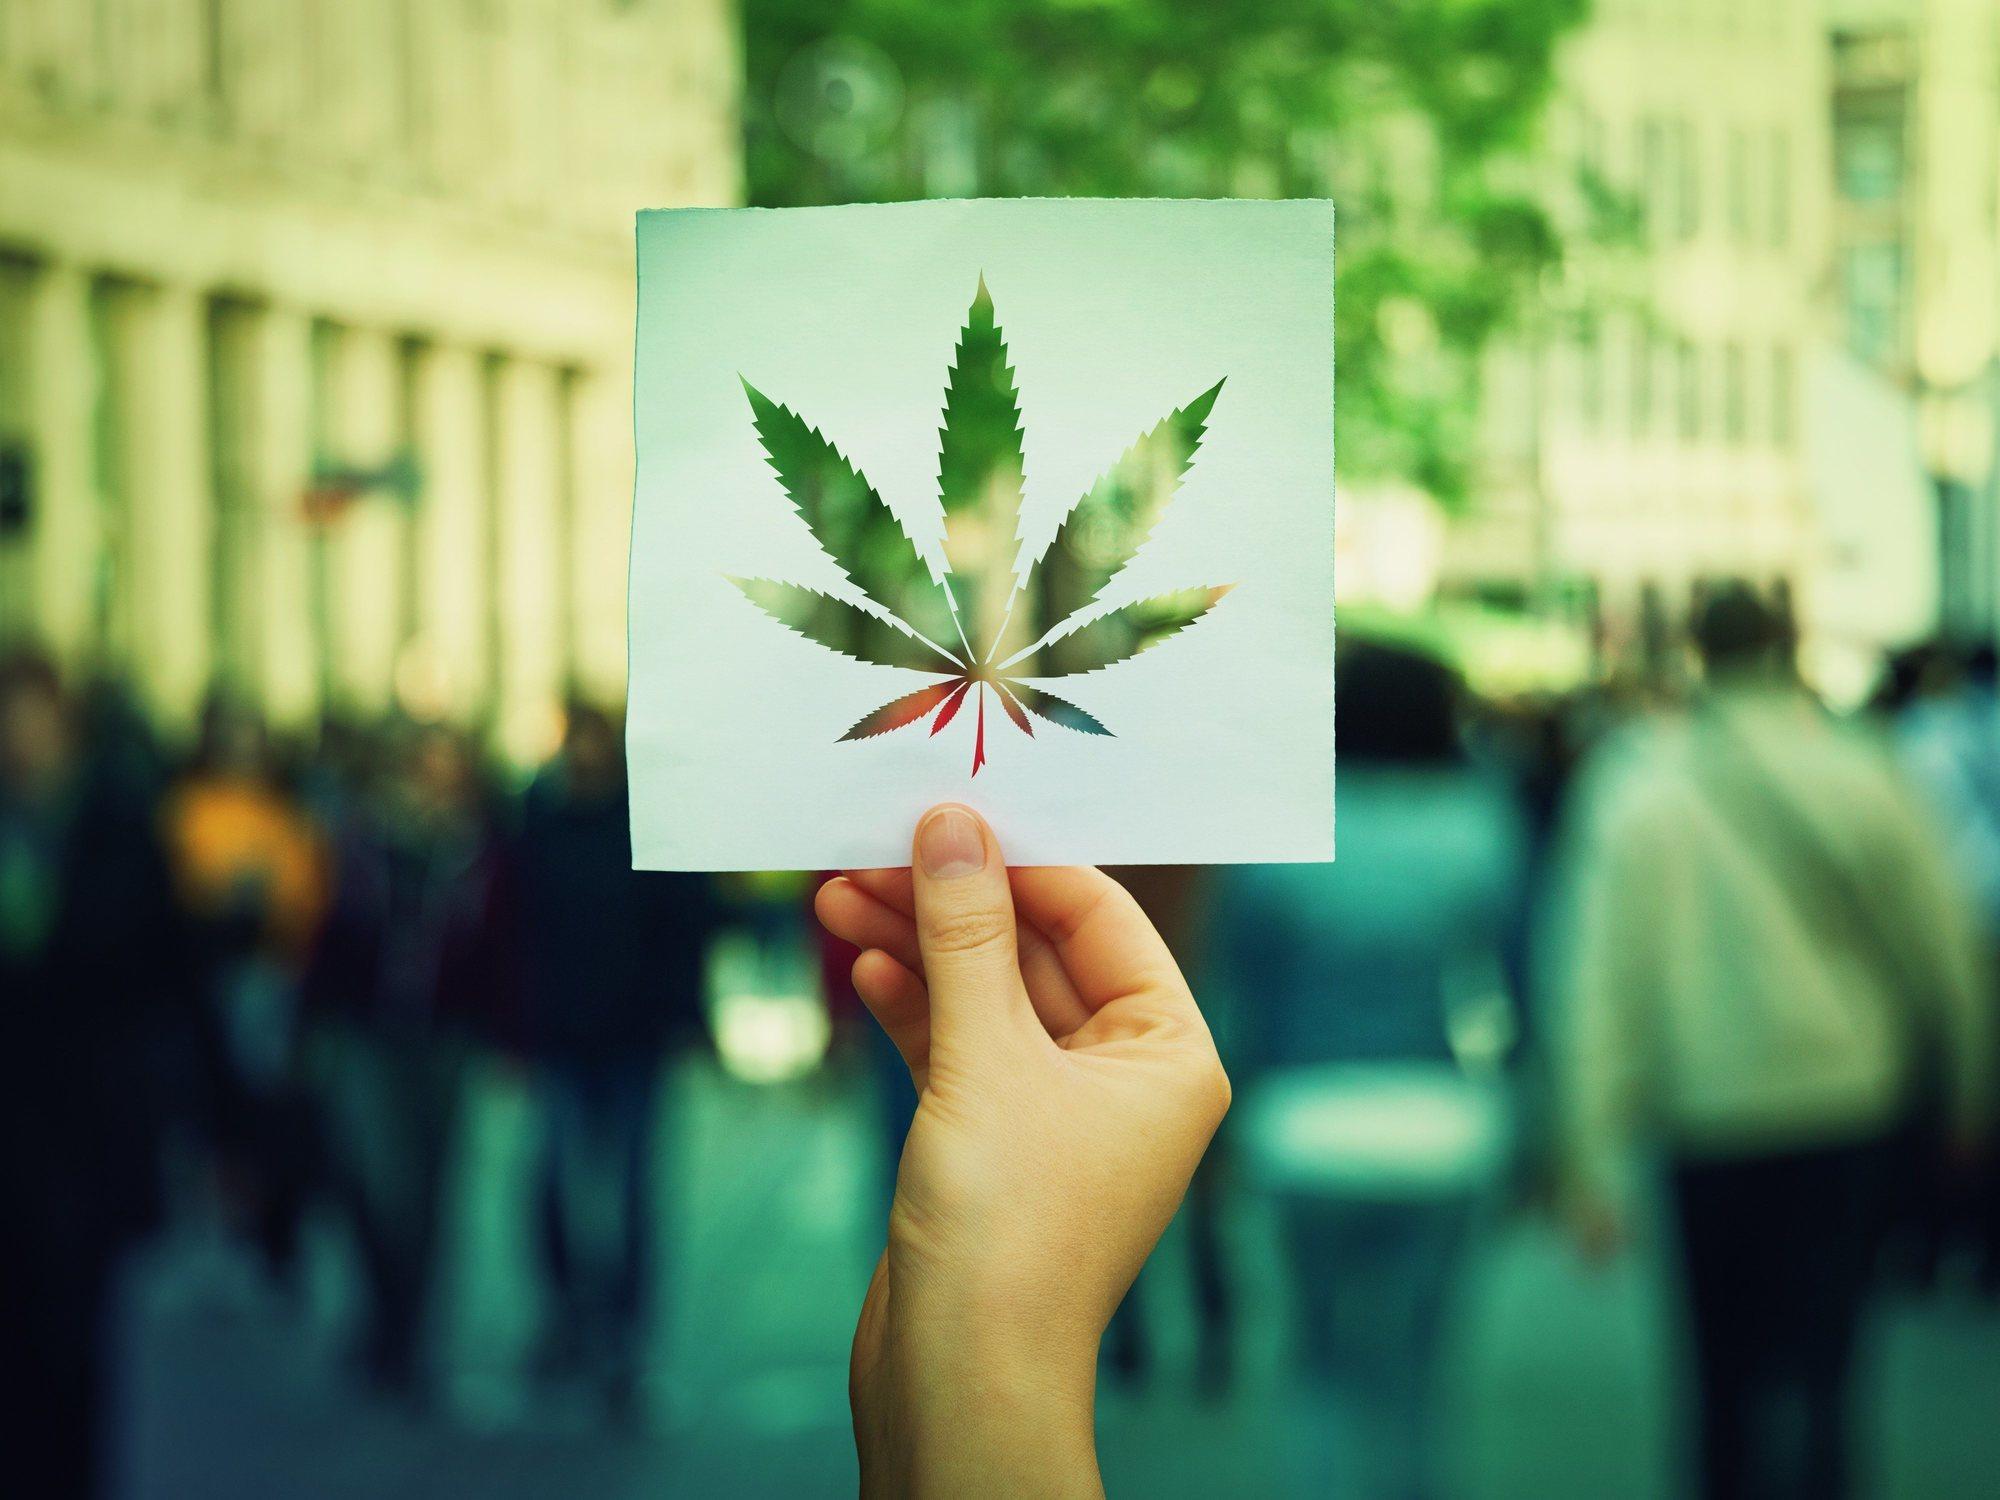 ¿Llega la legalización de la marihuana a España? Sus defensores se muestran esperanzados